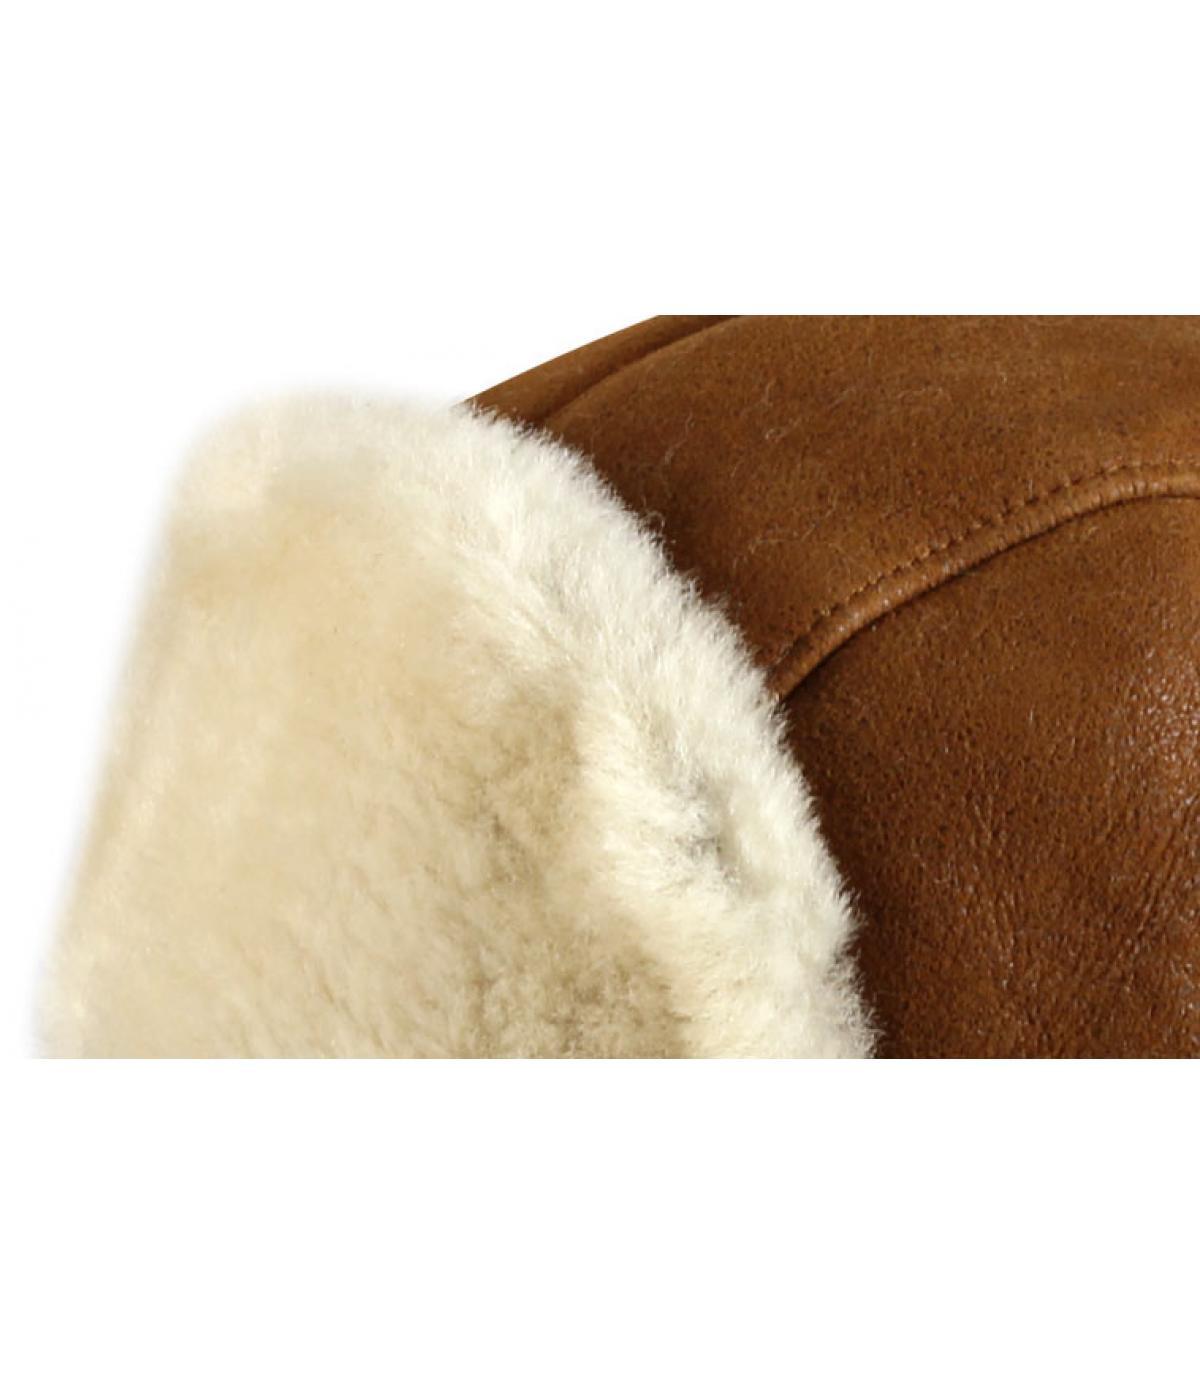 Chapka peau mouton